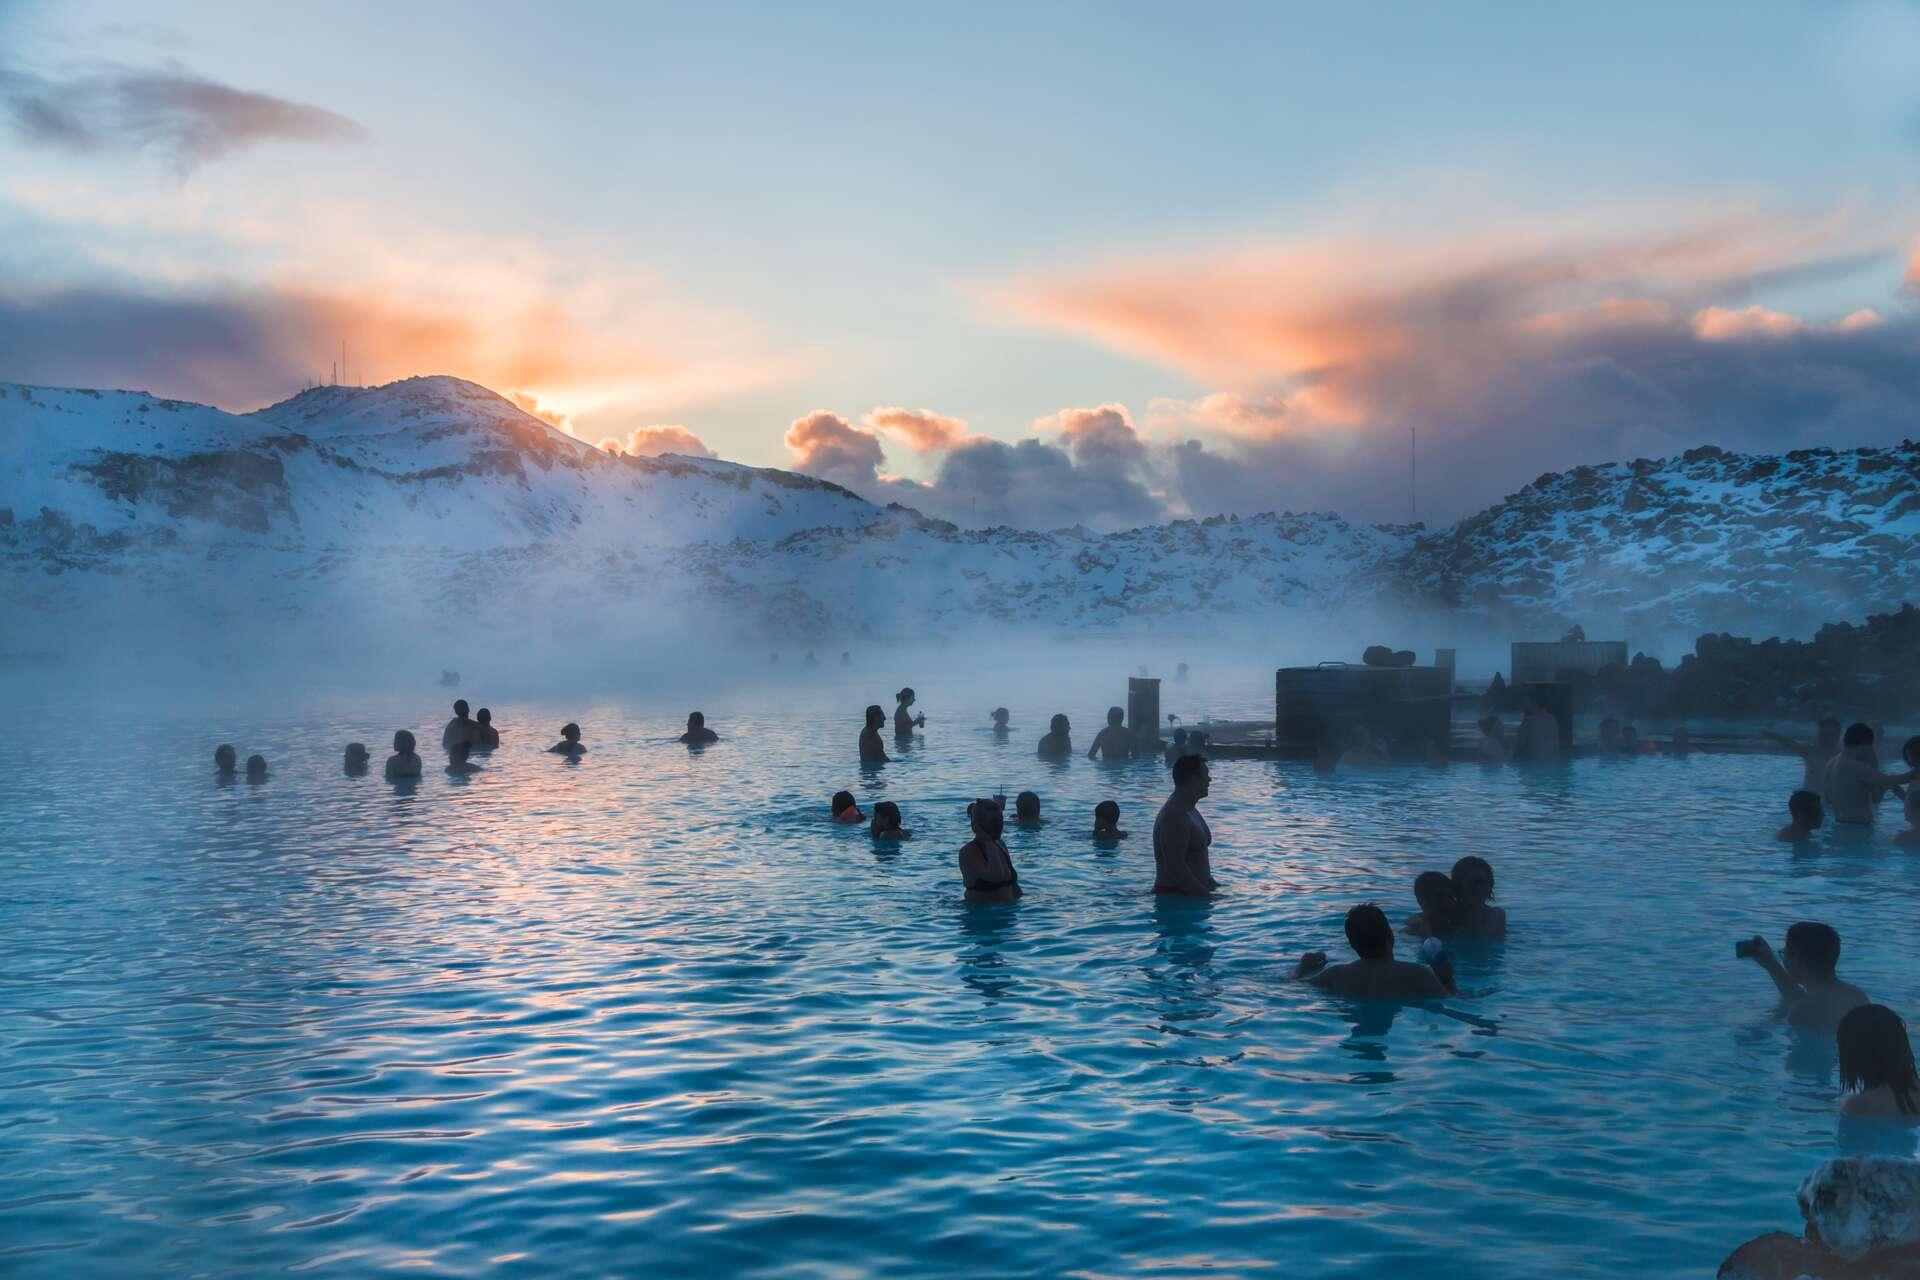 Plusieurs tremblements de terre ont eu lieu non loin du Blue Lagoon, autour de Grindavik en Islande, laissant penser qu'une éruption pourrait être imminente. © Foap.com, Adobe Stock